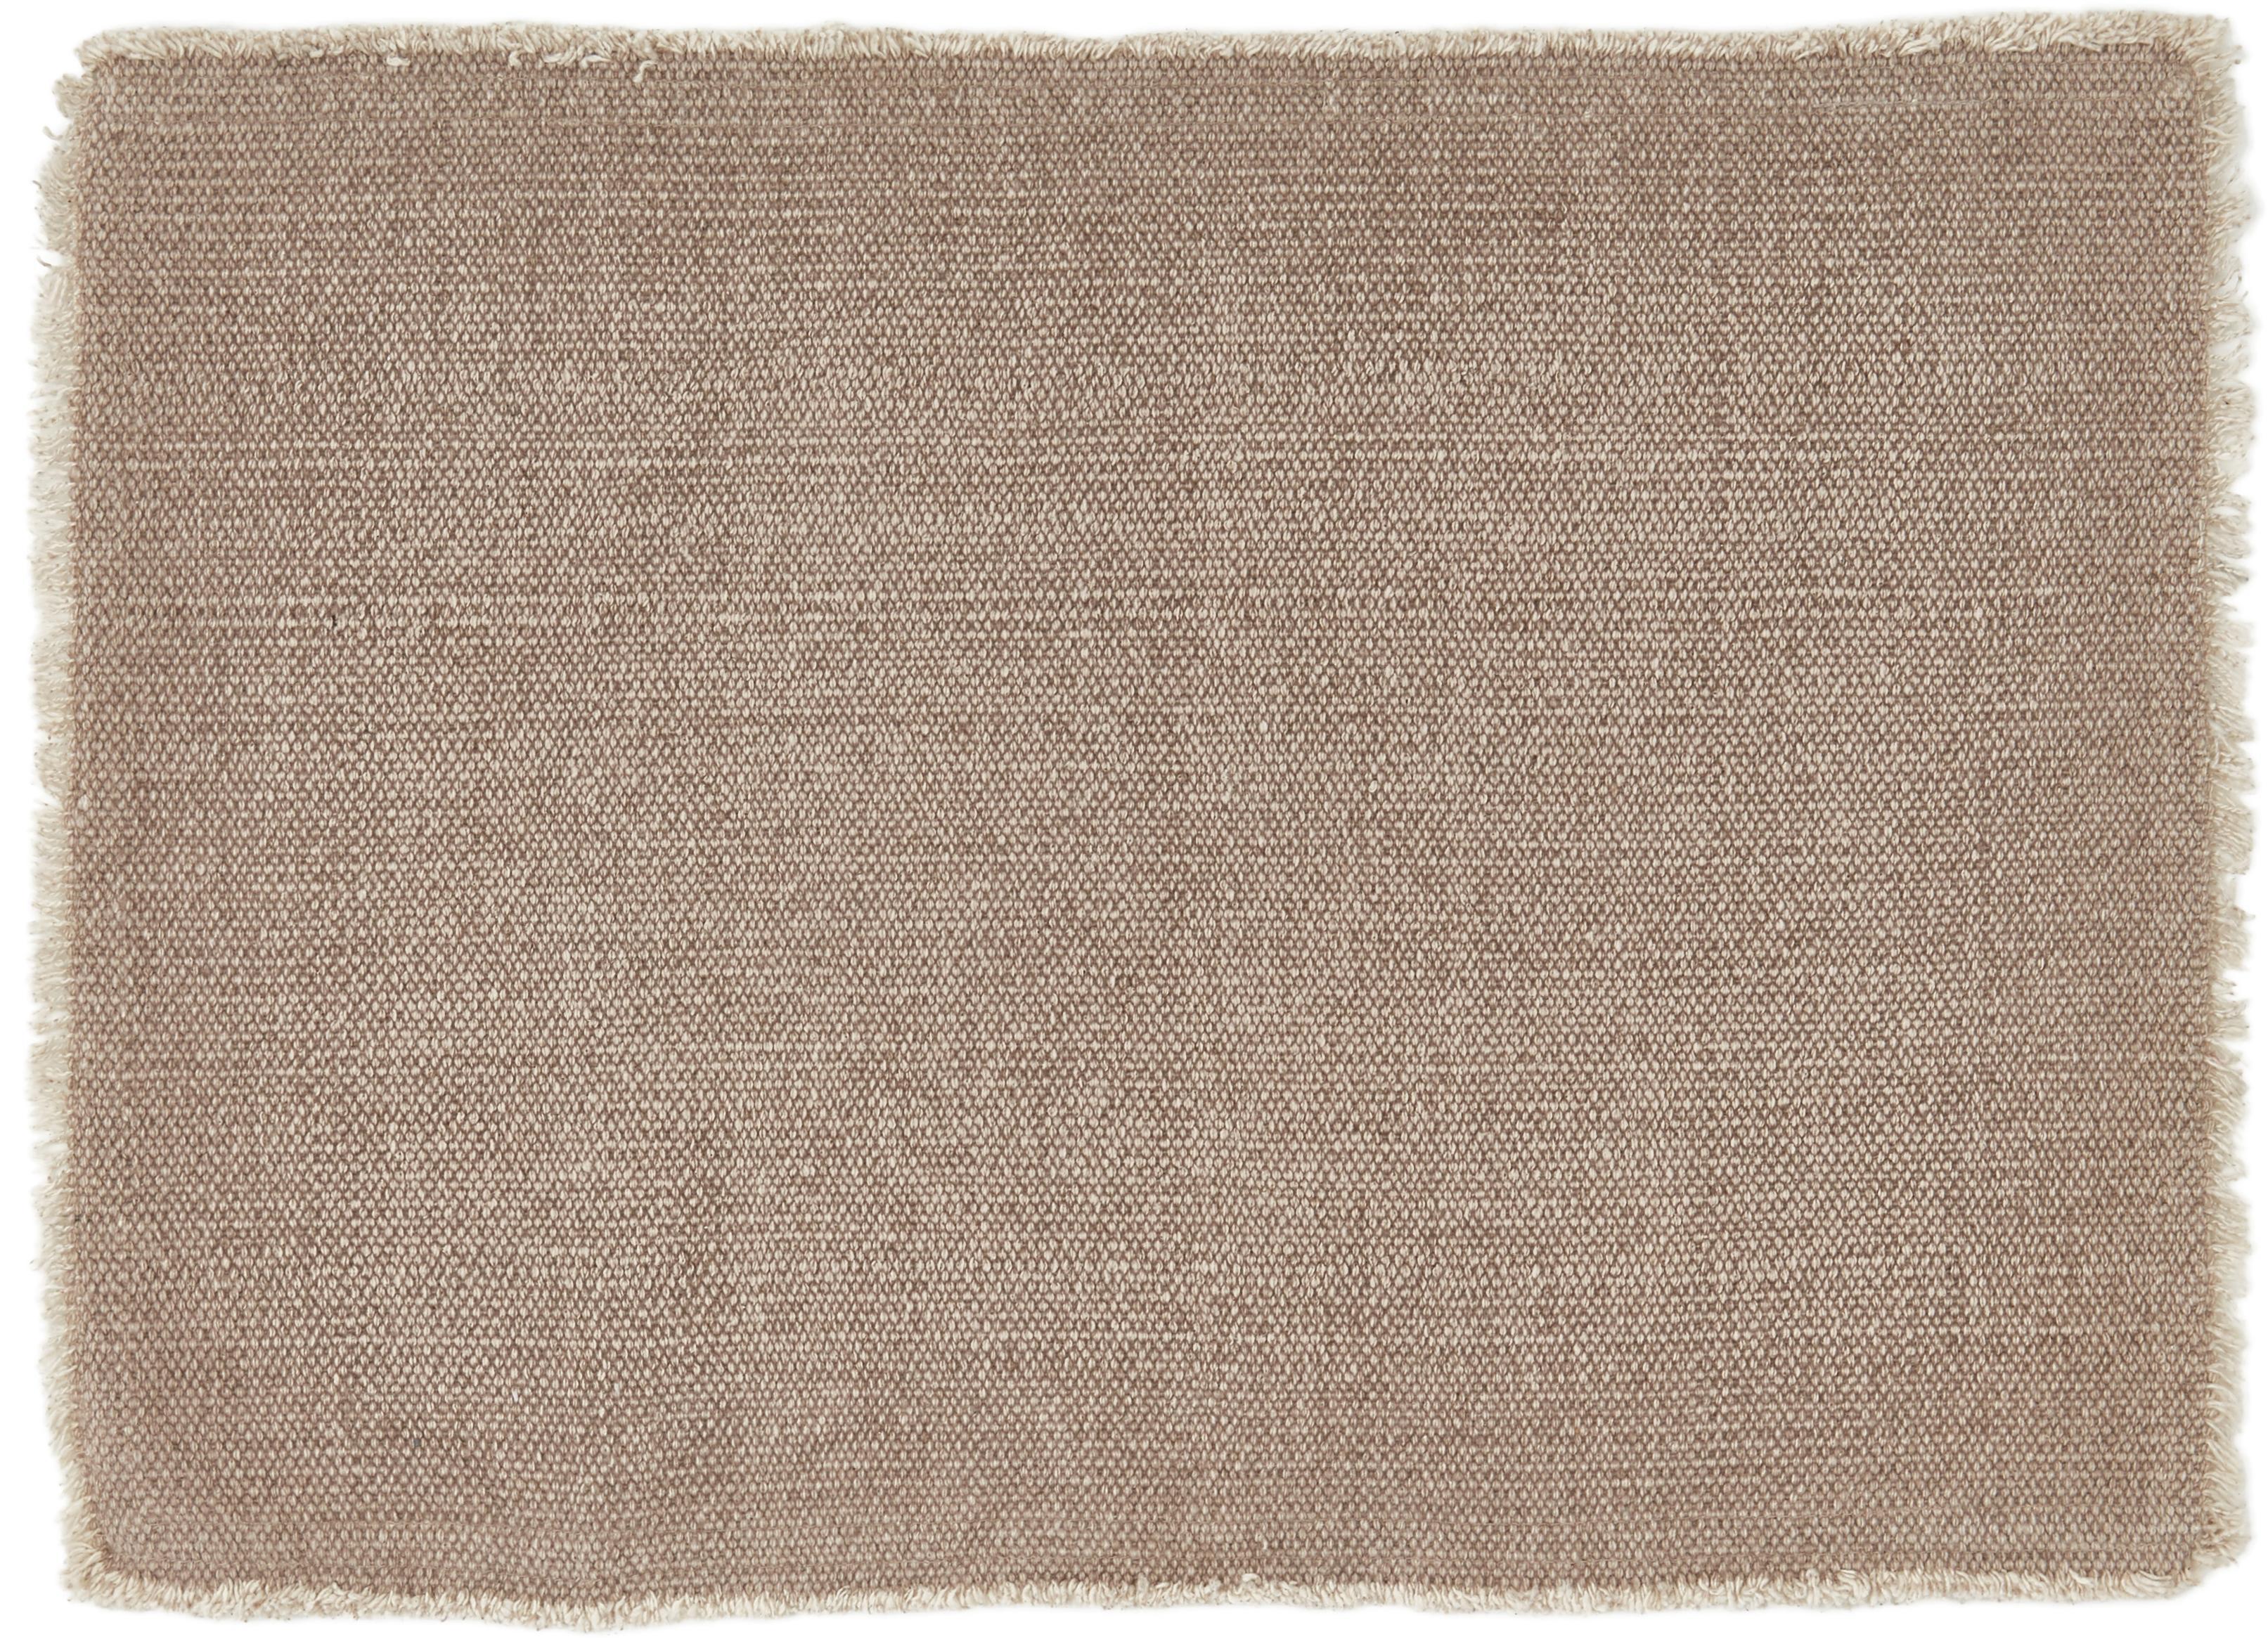 Placemats Edge, 6 stuks, 85% katoen, 15% gemengde vezels, Grijs, 33 x 48 cm